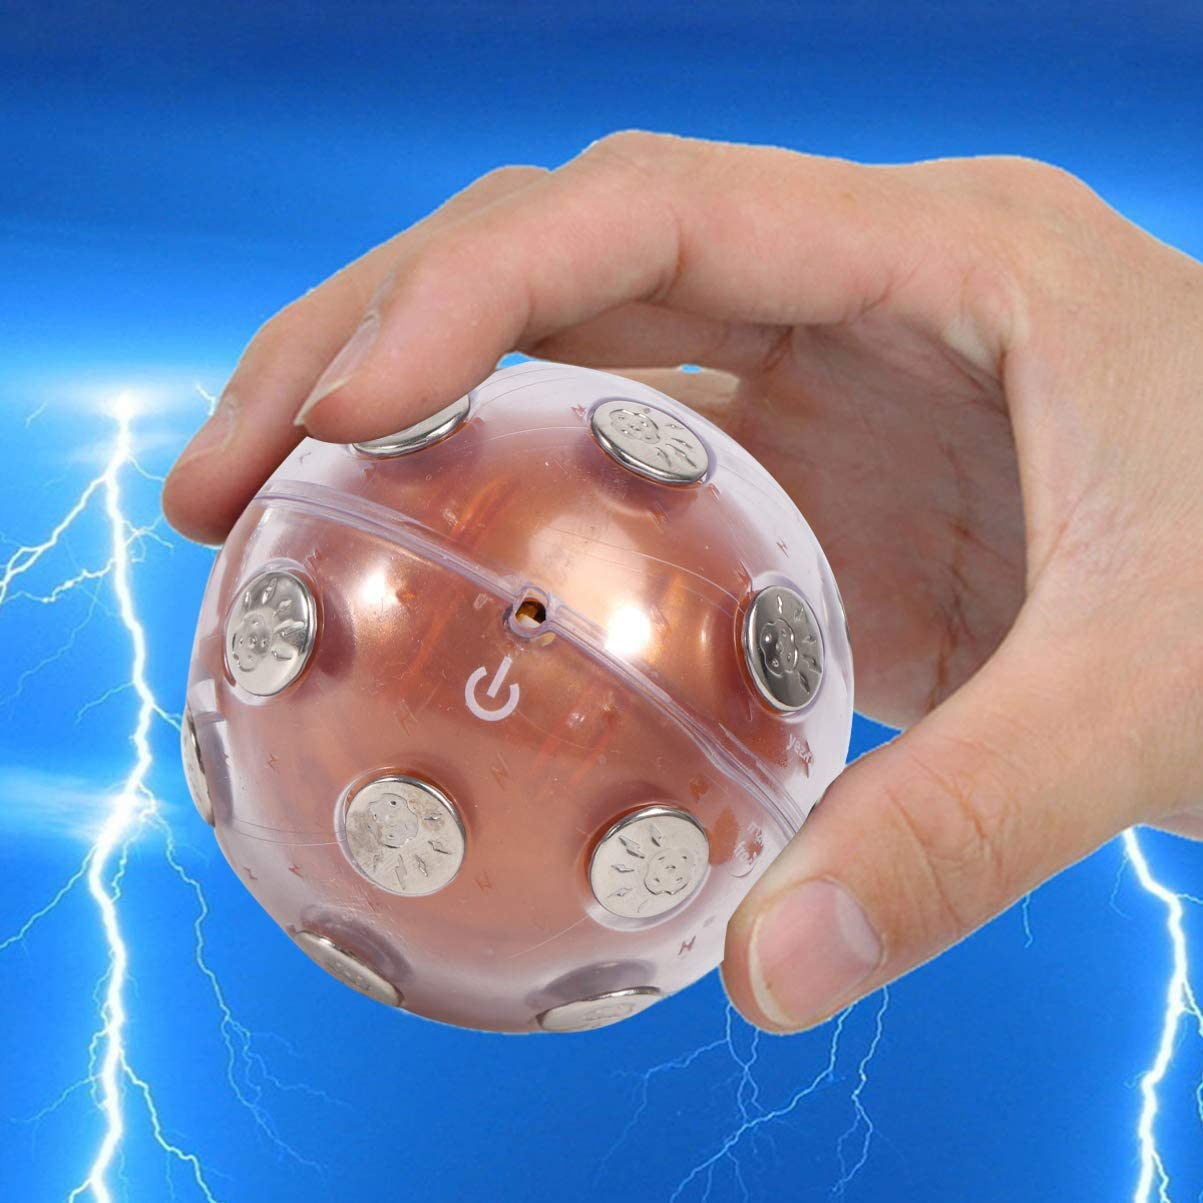 Wakauto Giocattolo Gioco Shock Ball 1Pc Shock Ball Durevole Divertente Riutilizzabile Leggero Forniture per Feste Palla Shock per La Famiglia di Amici Colleghi di Lavoro